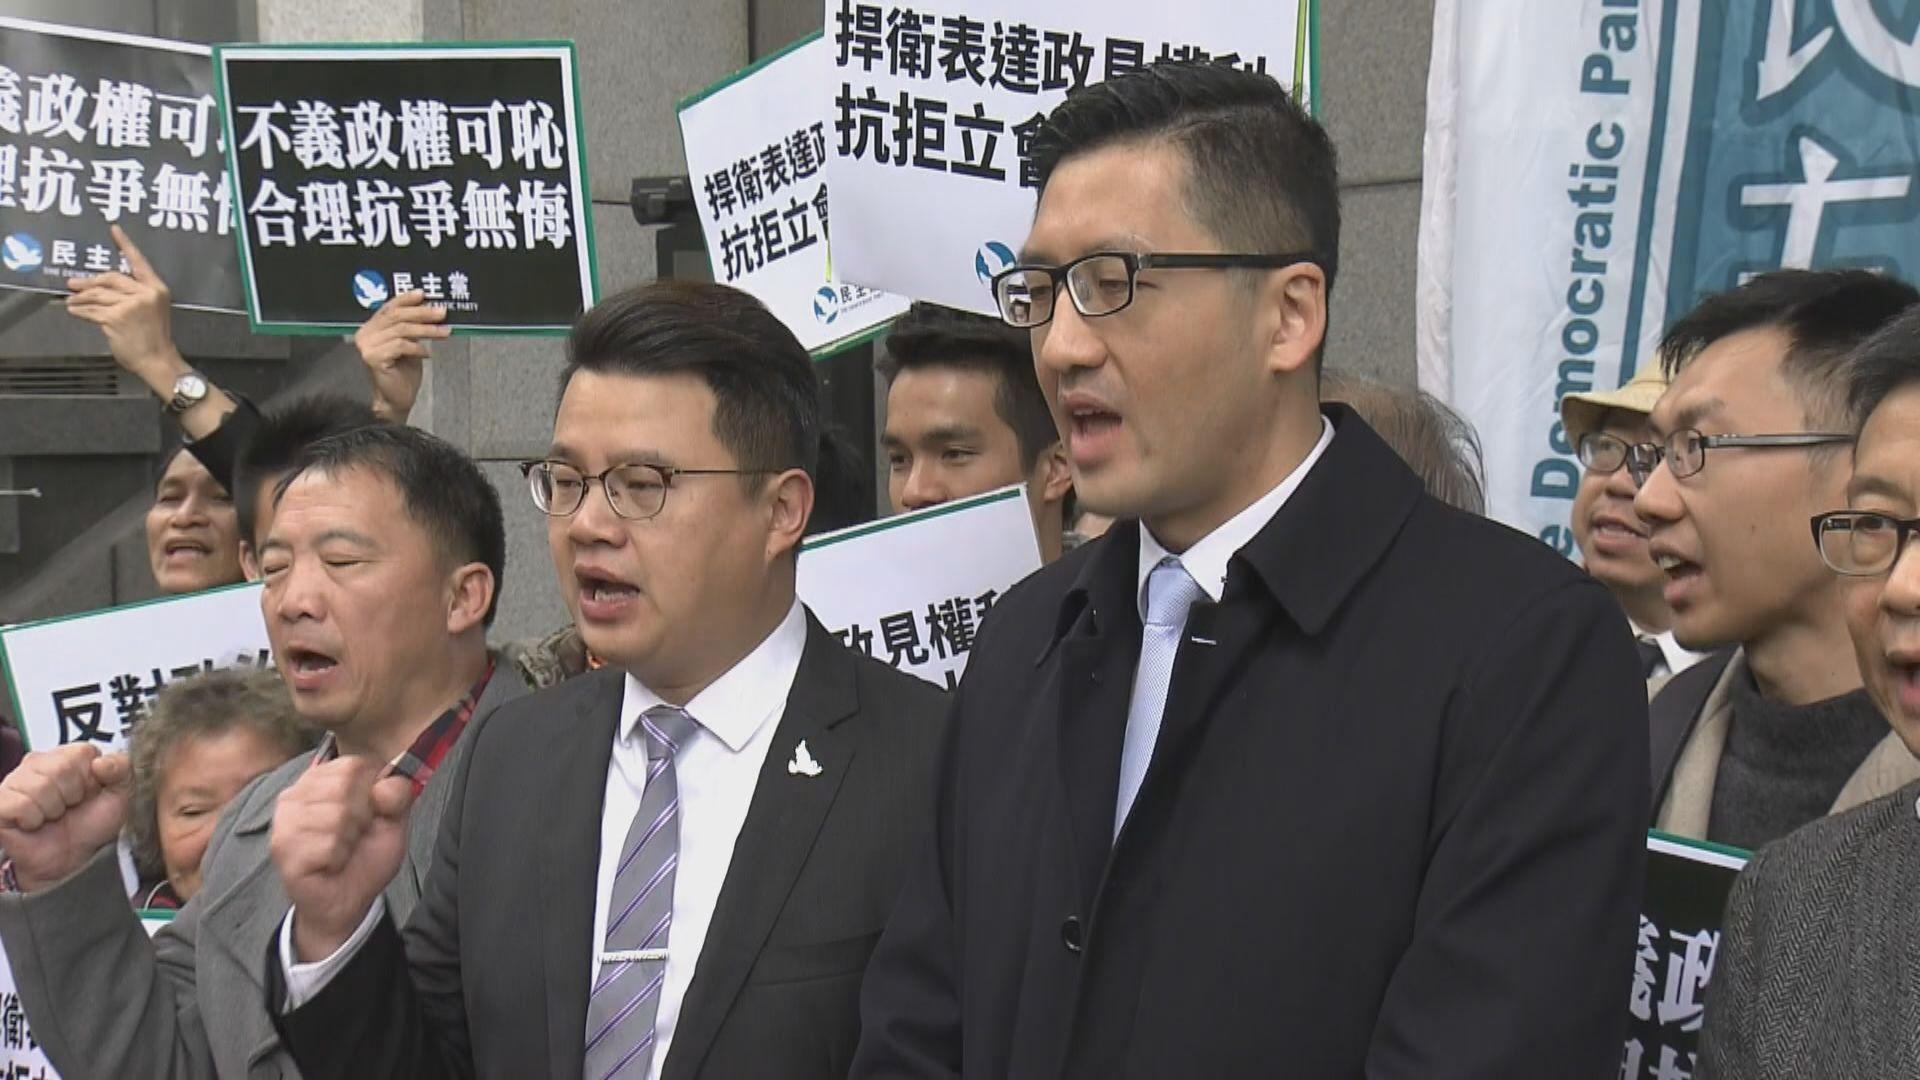 尹兆堅林卓廷批檢控影響民主派議員發言空間